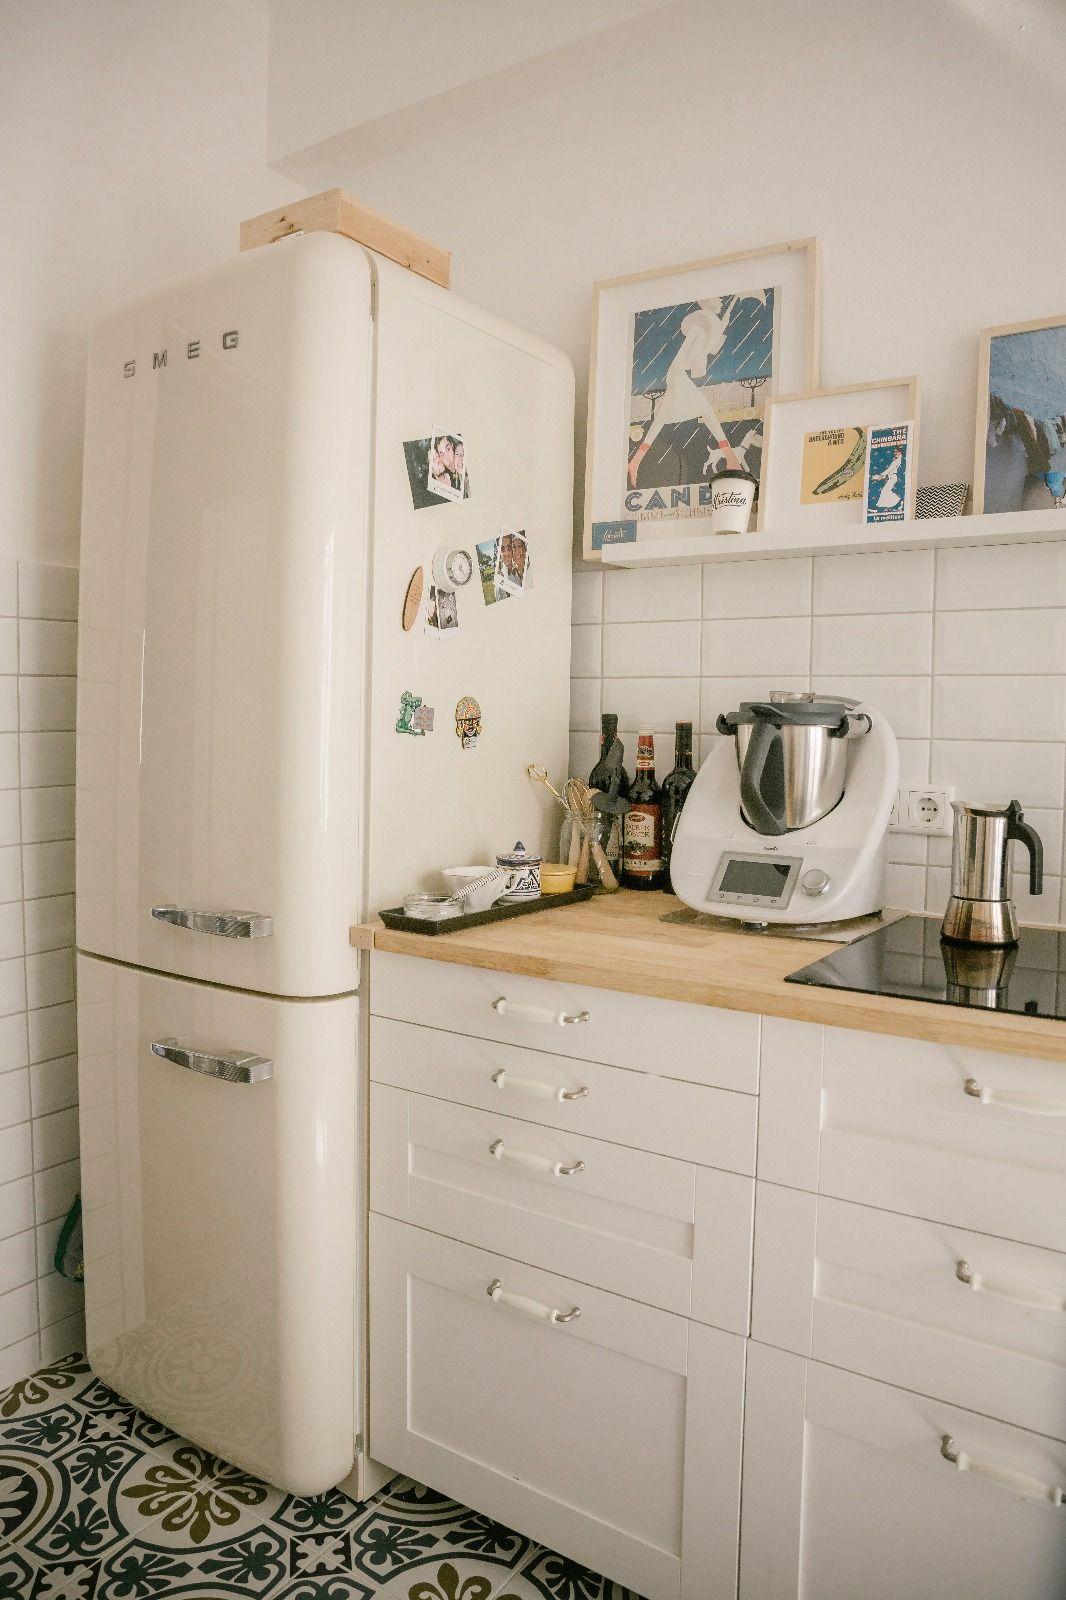 Full Size of Pinnwand Modern Küche Dieser Tolle Groe Smeg Khlschrank Steht In Einer Super Sen Unterschrank Wasserhahn Gardinen Für Nolte Deckenlampe Singleküche Wohnzimmer Pinnwand Modern Küche